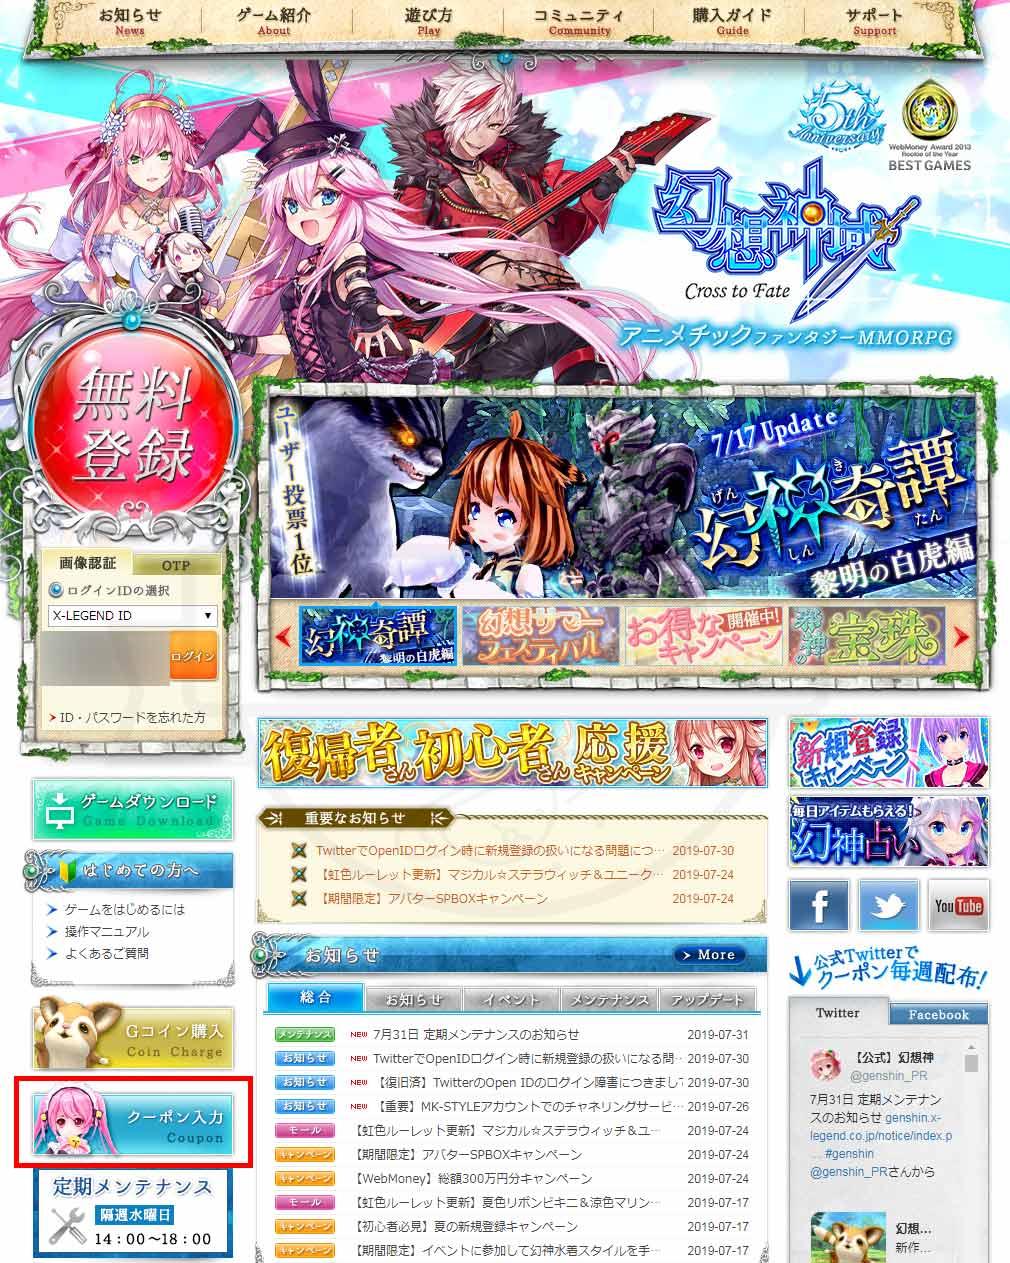 幻想神域-Cross to Fate- 公式サイトTOPページスクリーンショット